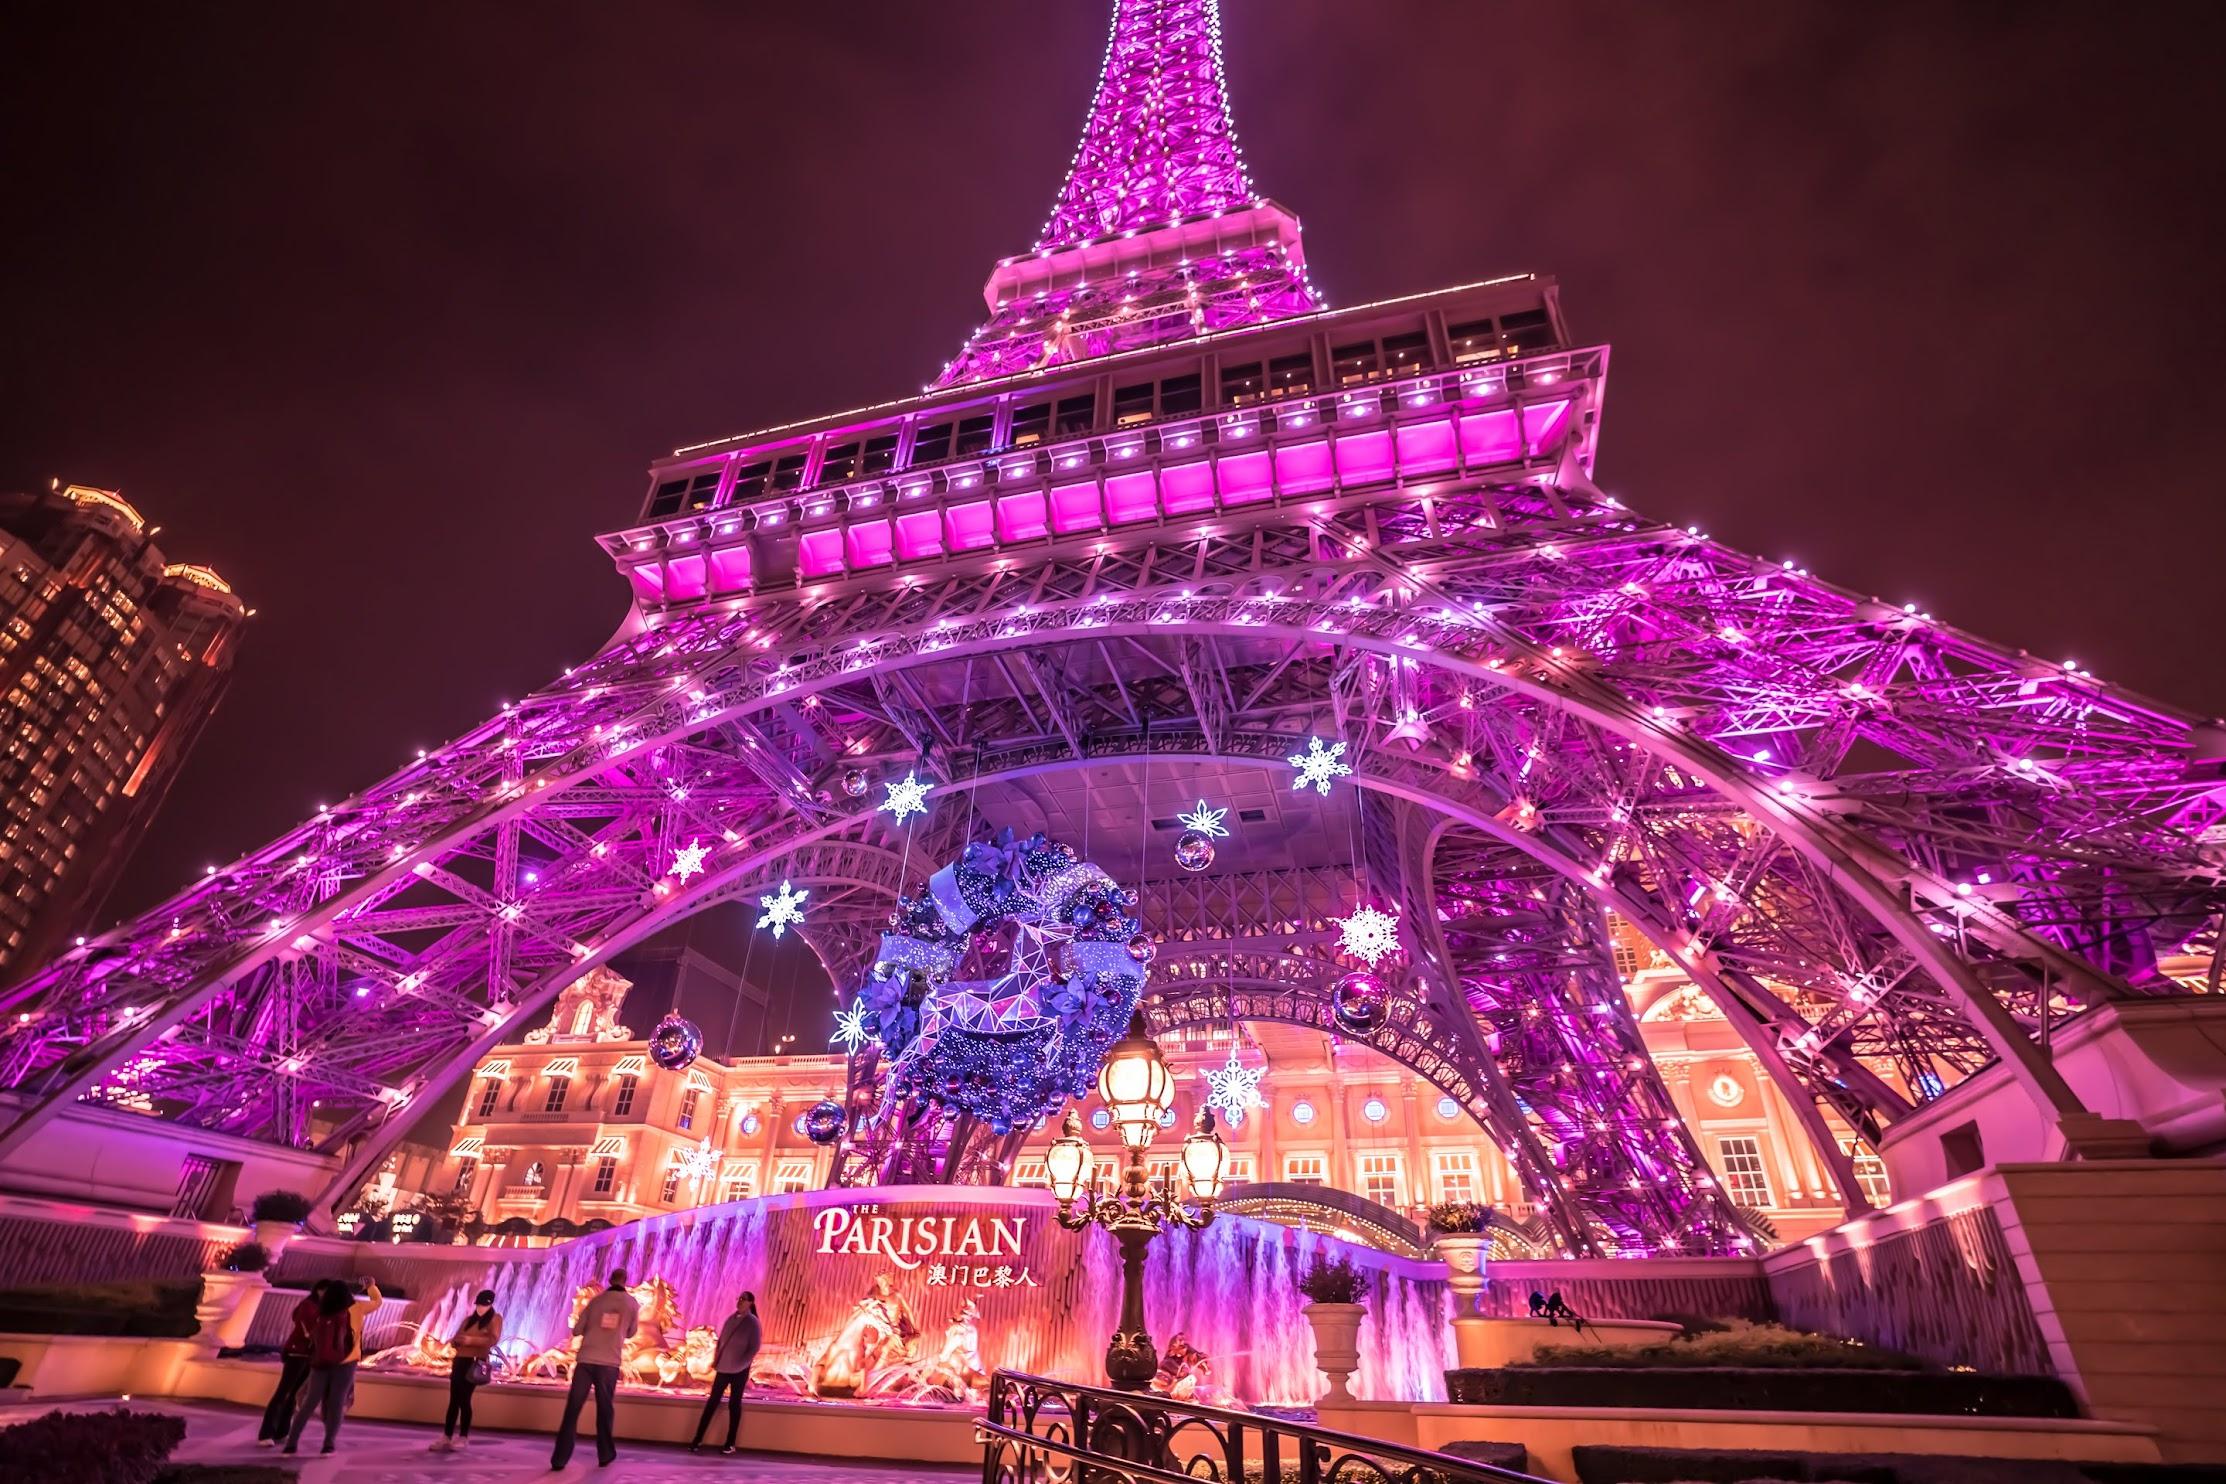 Parisian Macao Eiffel Tower light-up5